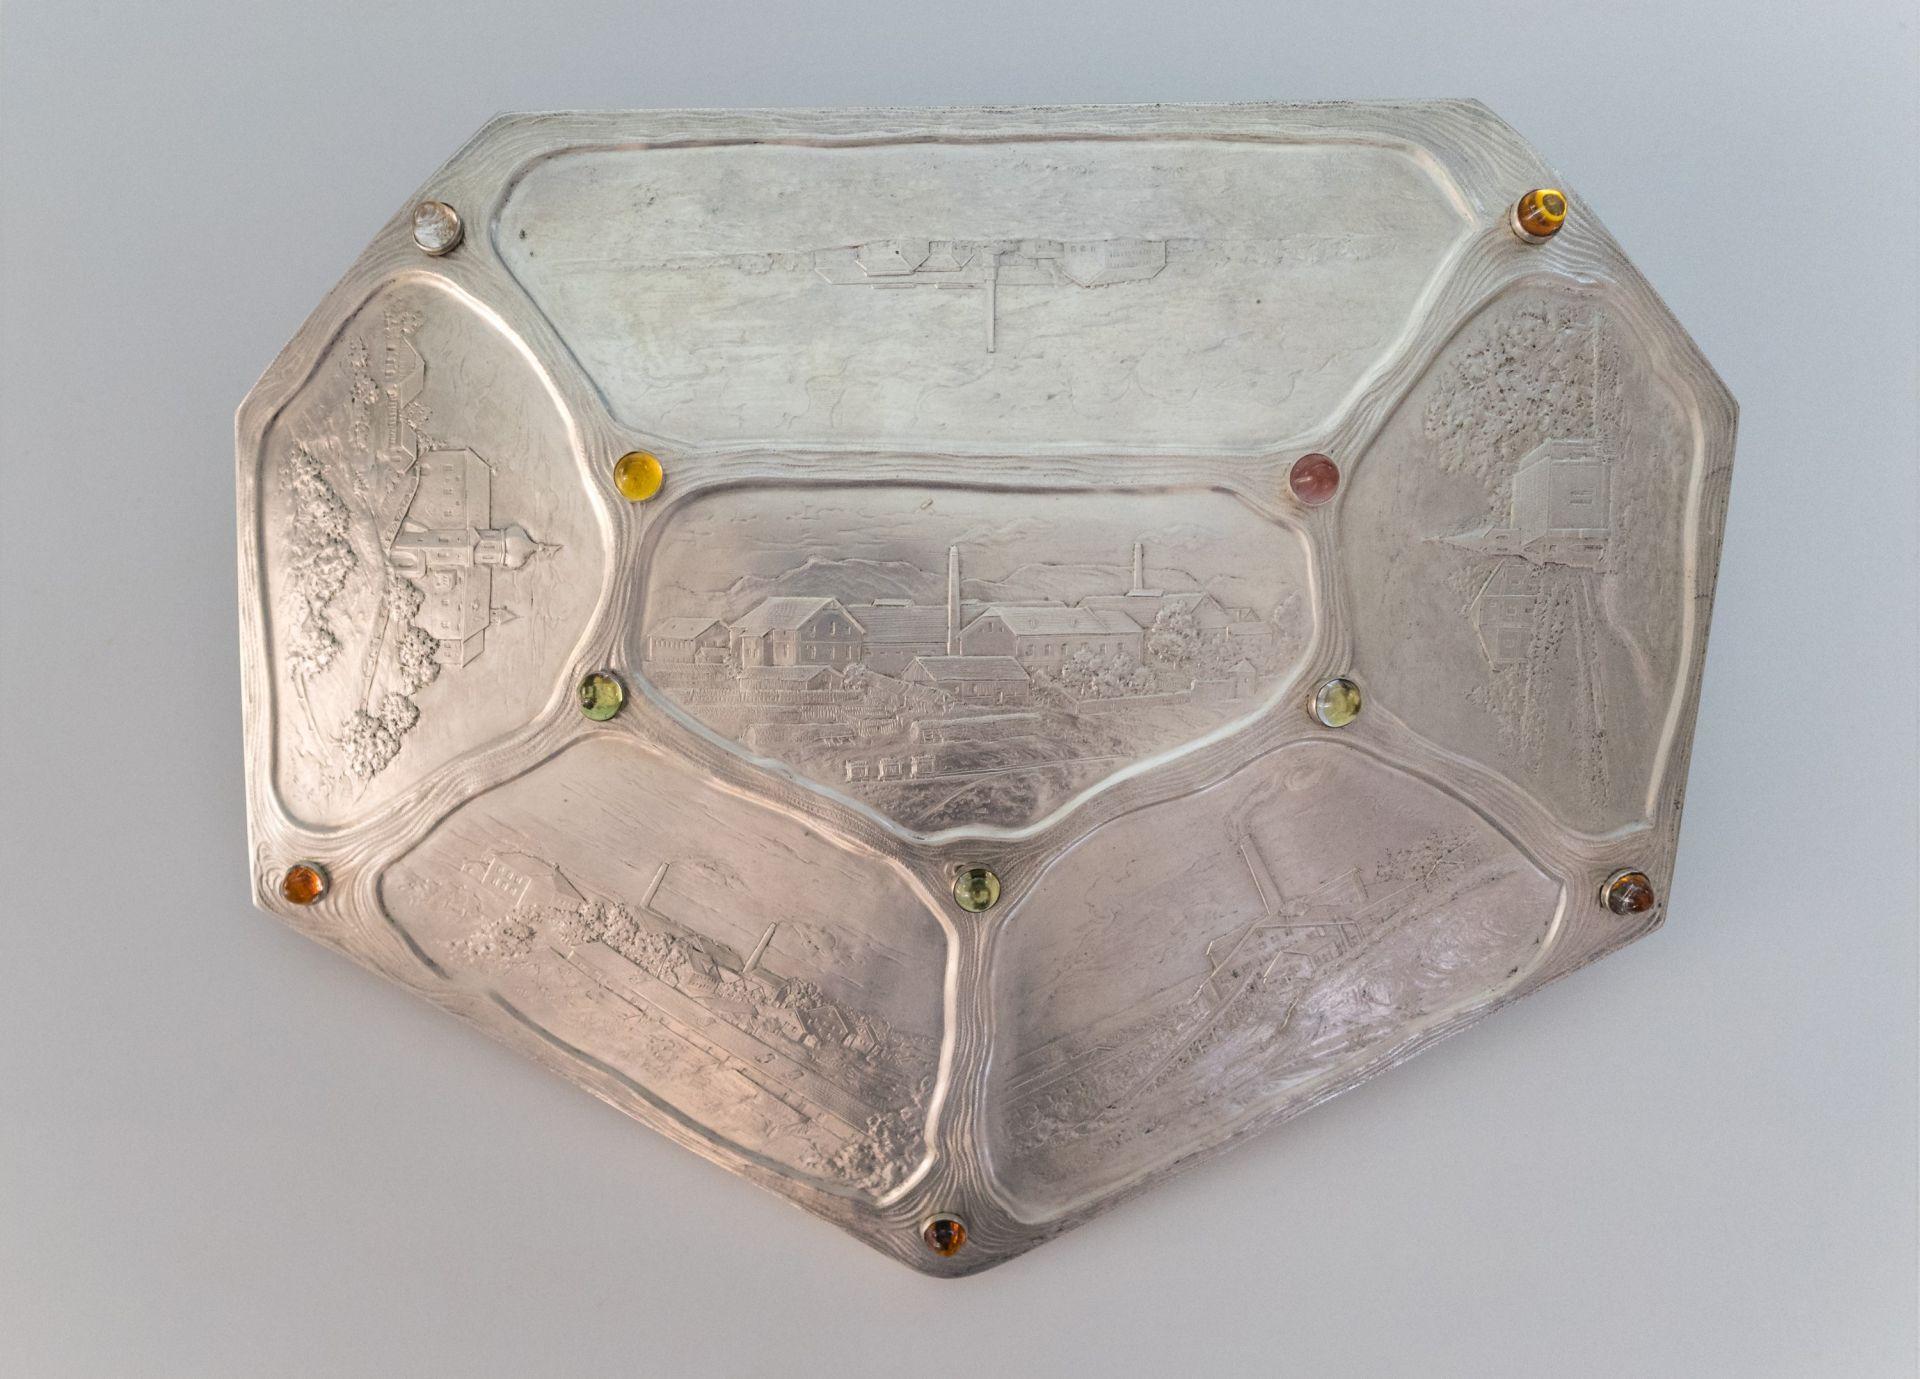 Silberschild mit Motiven (Teil eines Tafelaufsatzes) von Franz Holter